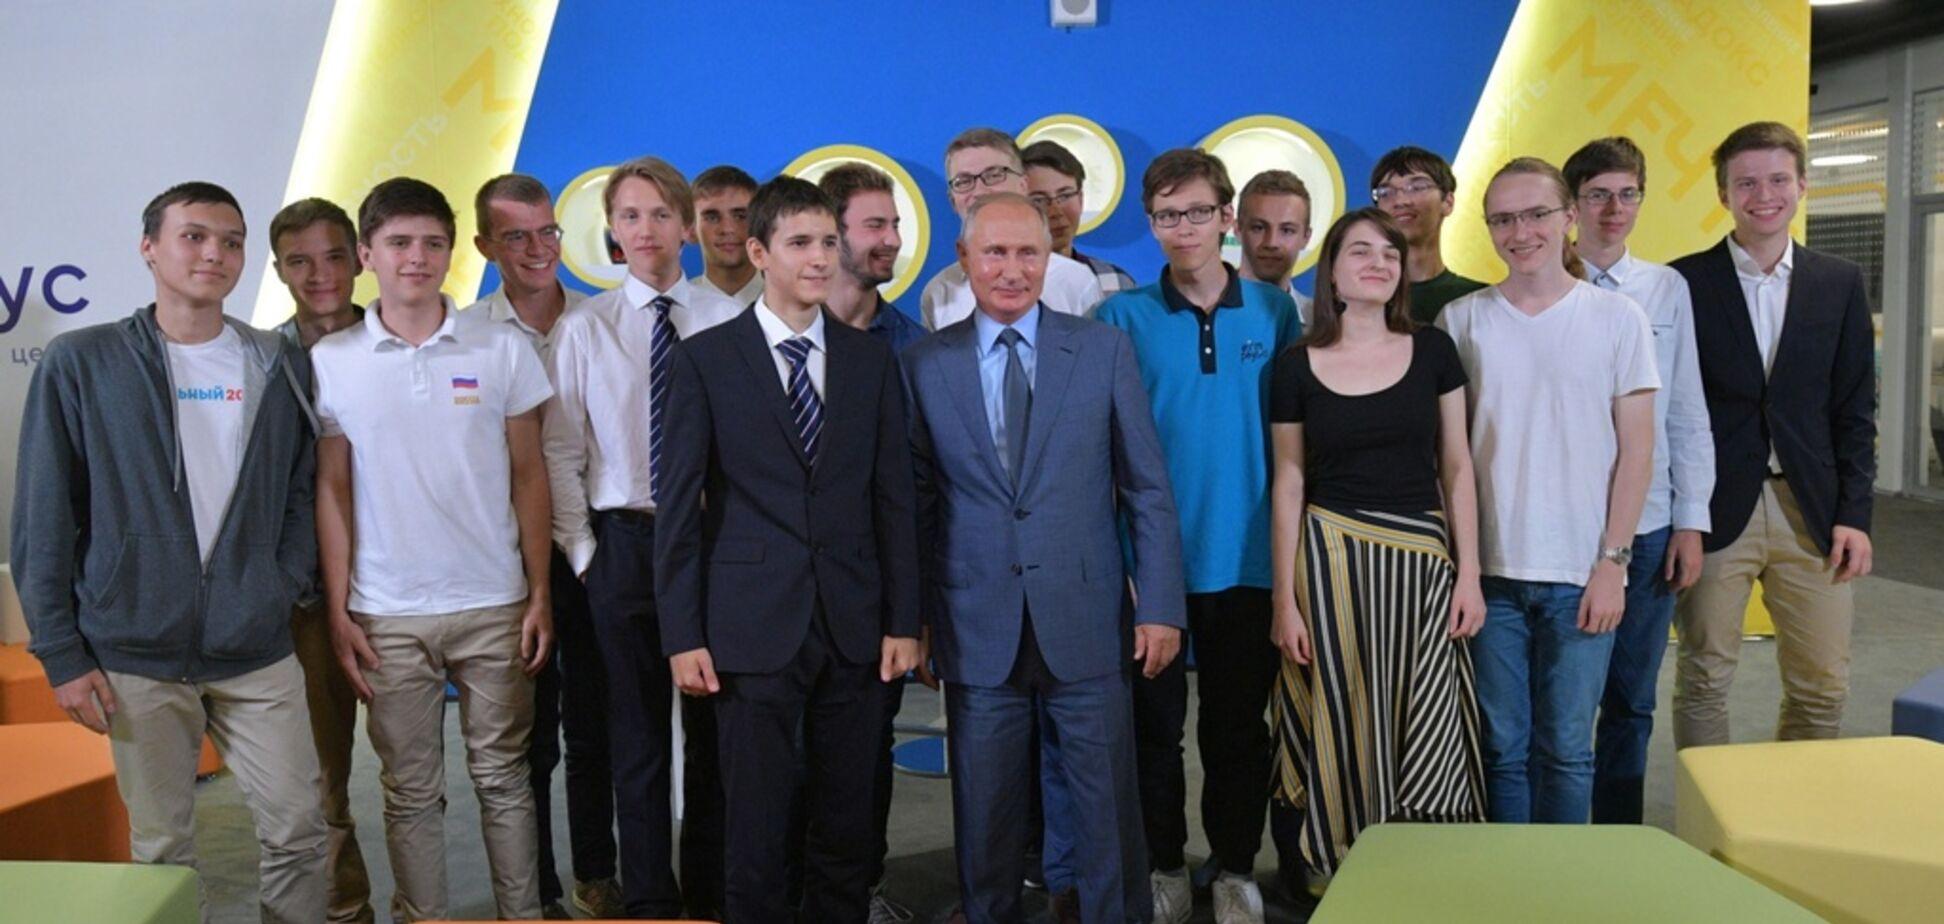 'Он не красавчик': российский ученик дерзко затроллил Путина при встрече